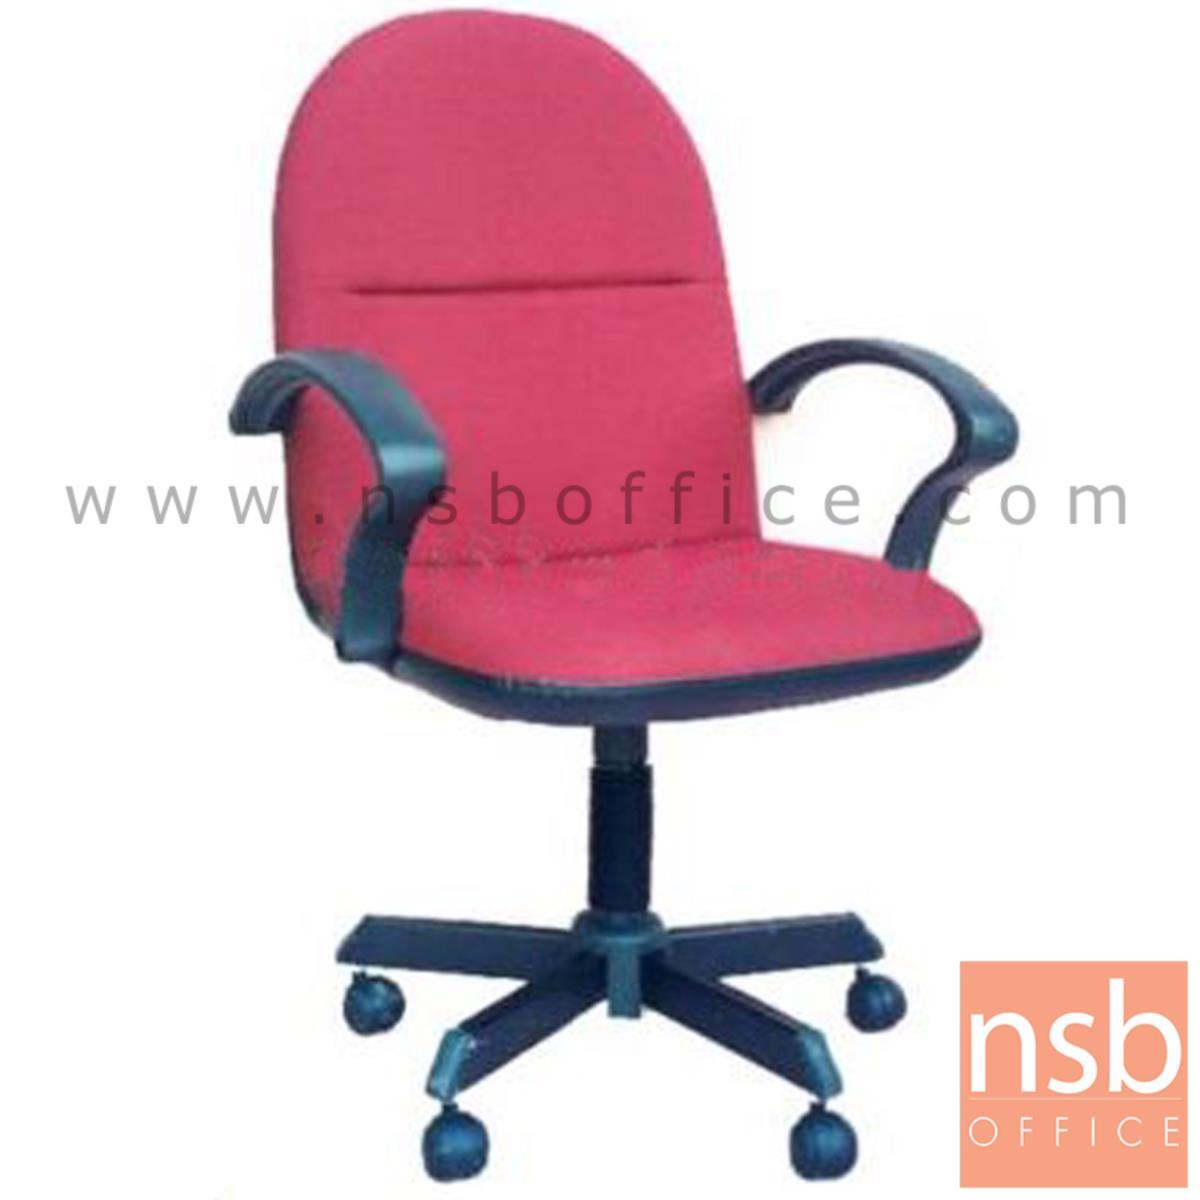 B03A423:เก้าอี้สำนักงาน รุ่น Alderaan  ขาเหล็กพิเศษ